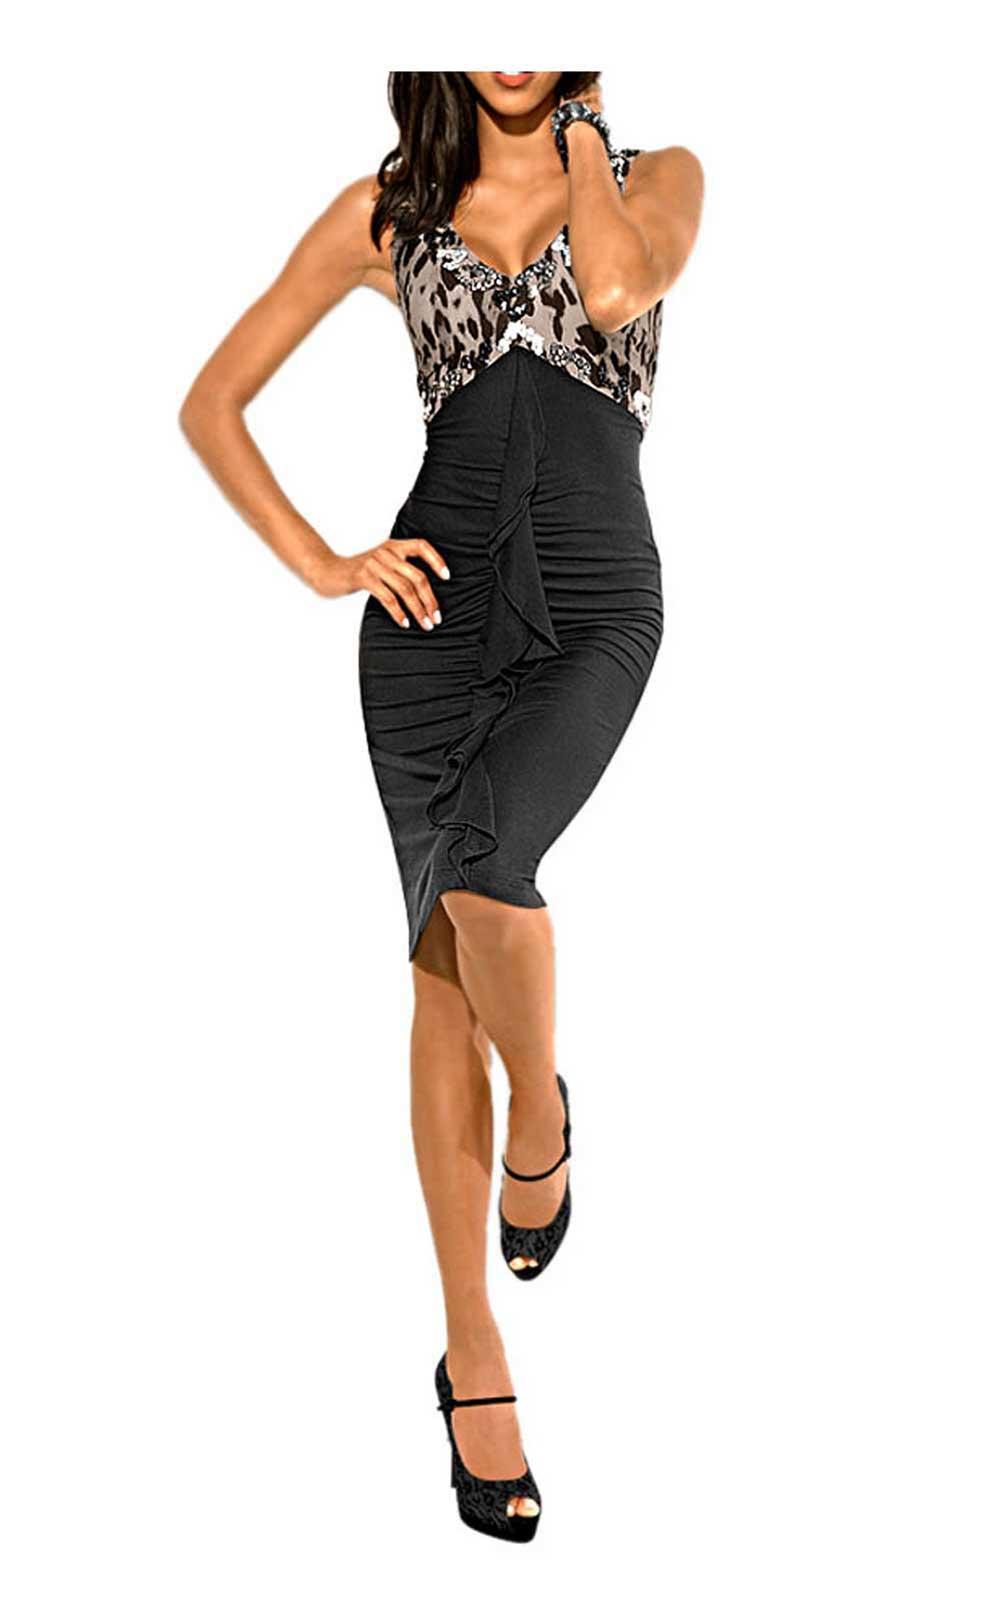 kurzes kleid für besondere anlässe Abendkleid m. Steinen, schwarz-weiß von Carry Allen by Ella Singh Grösse 36 099.532 Missforty